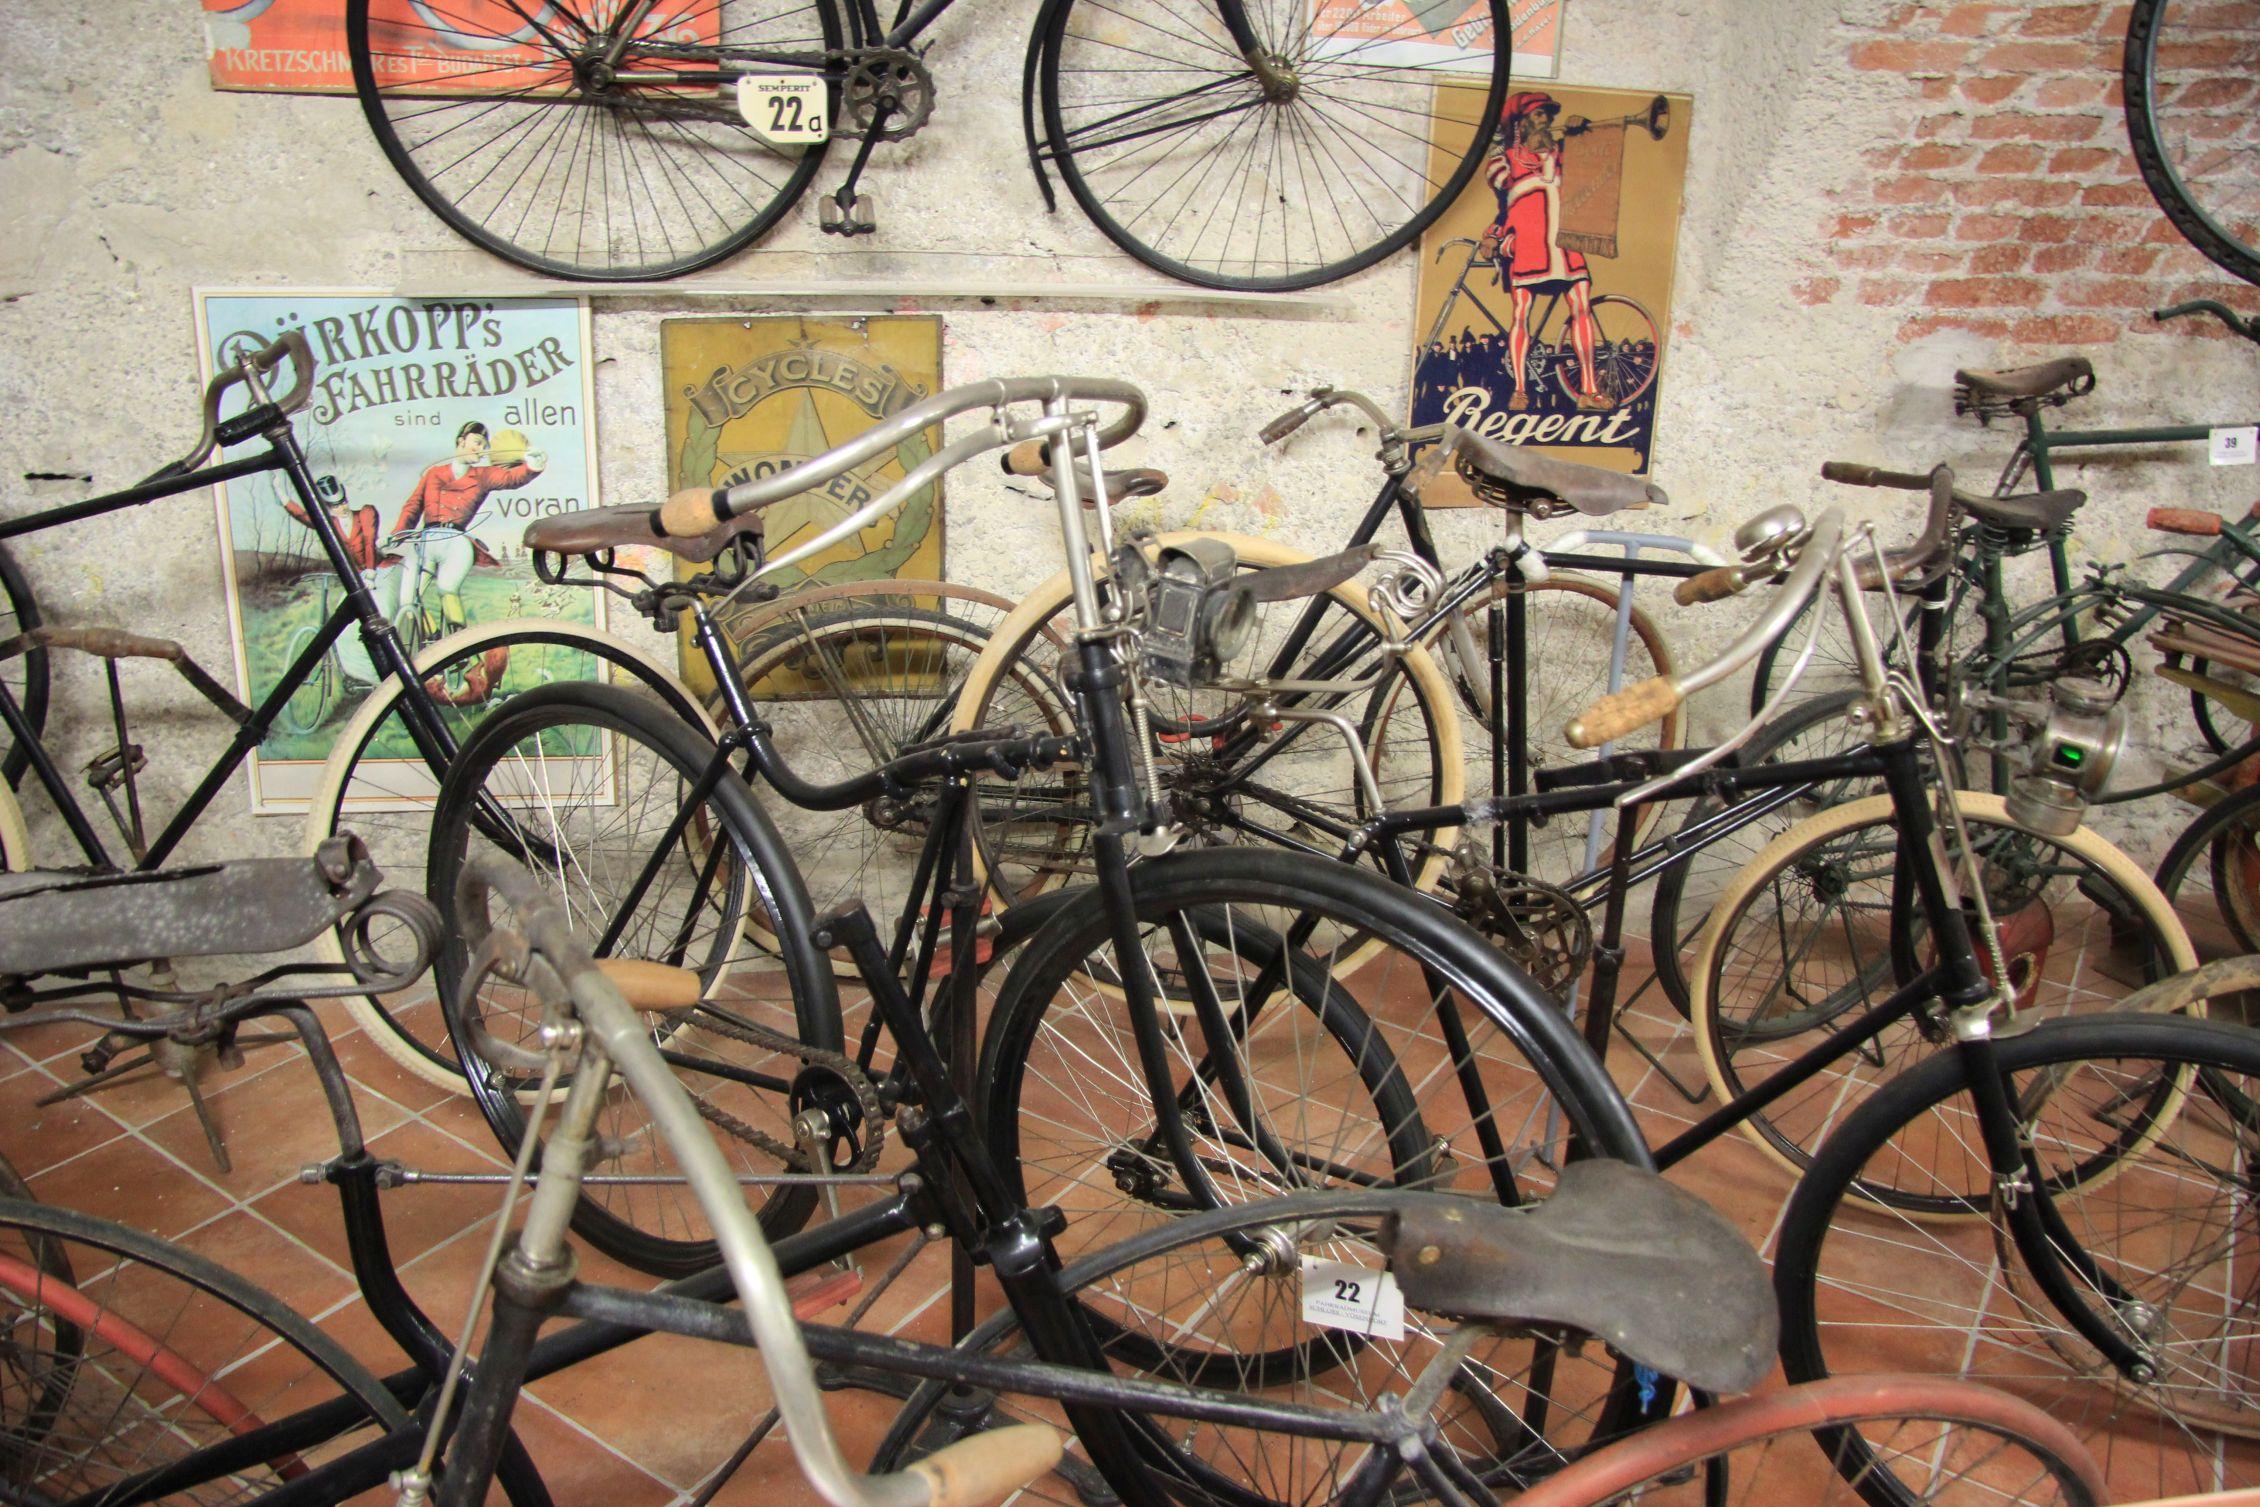 Fahrradmuseum_Vösendorf_8179